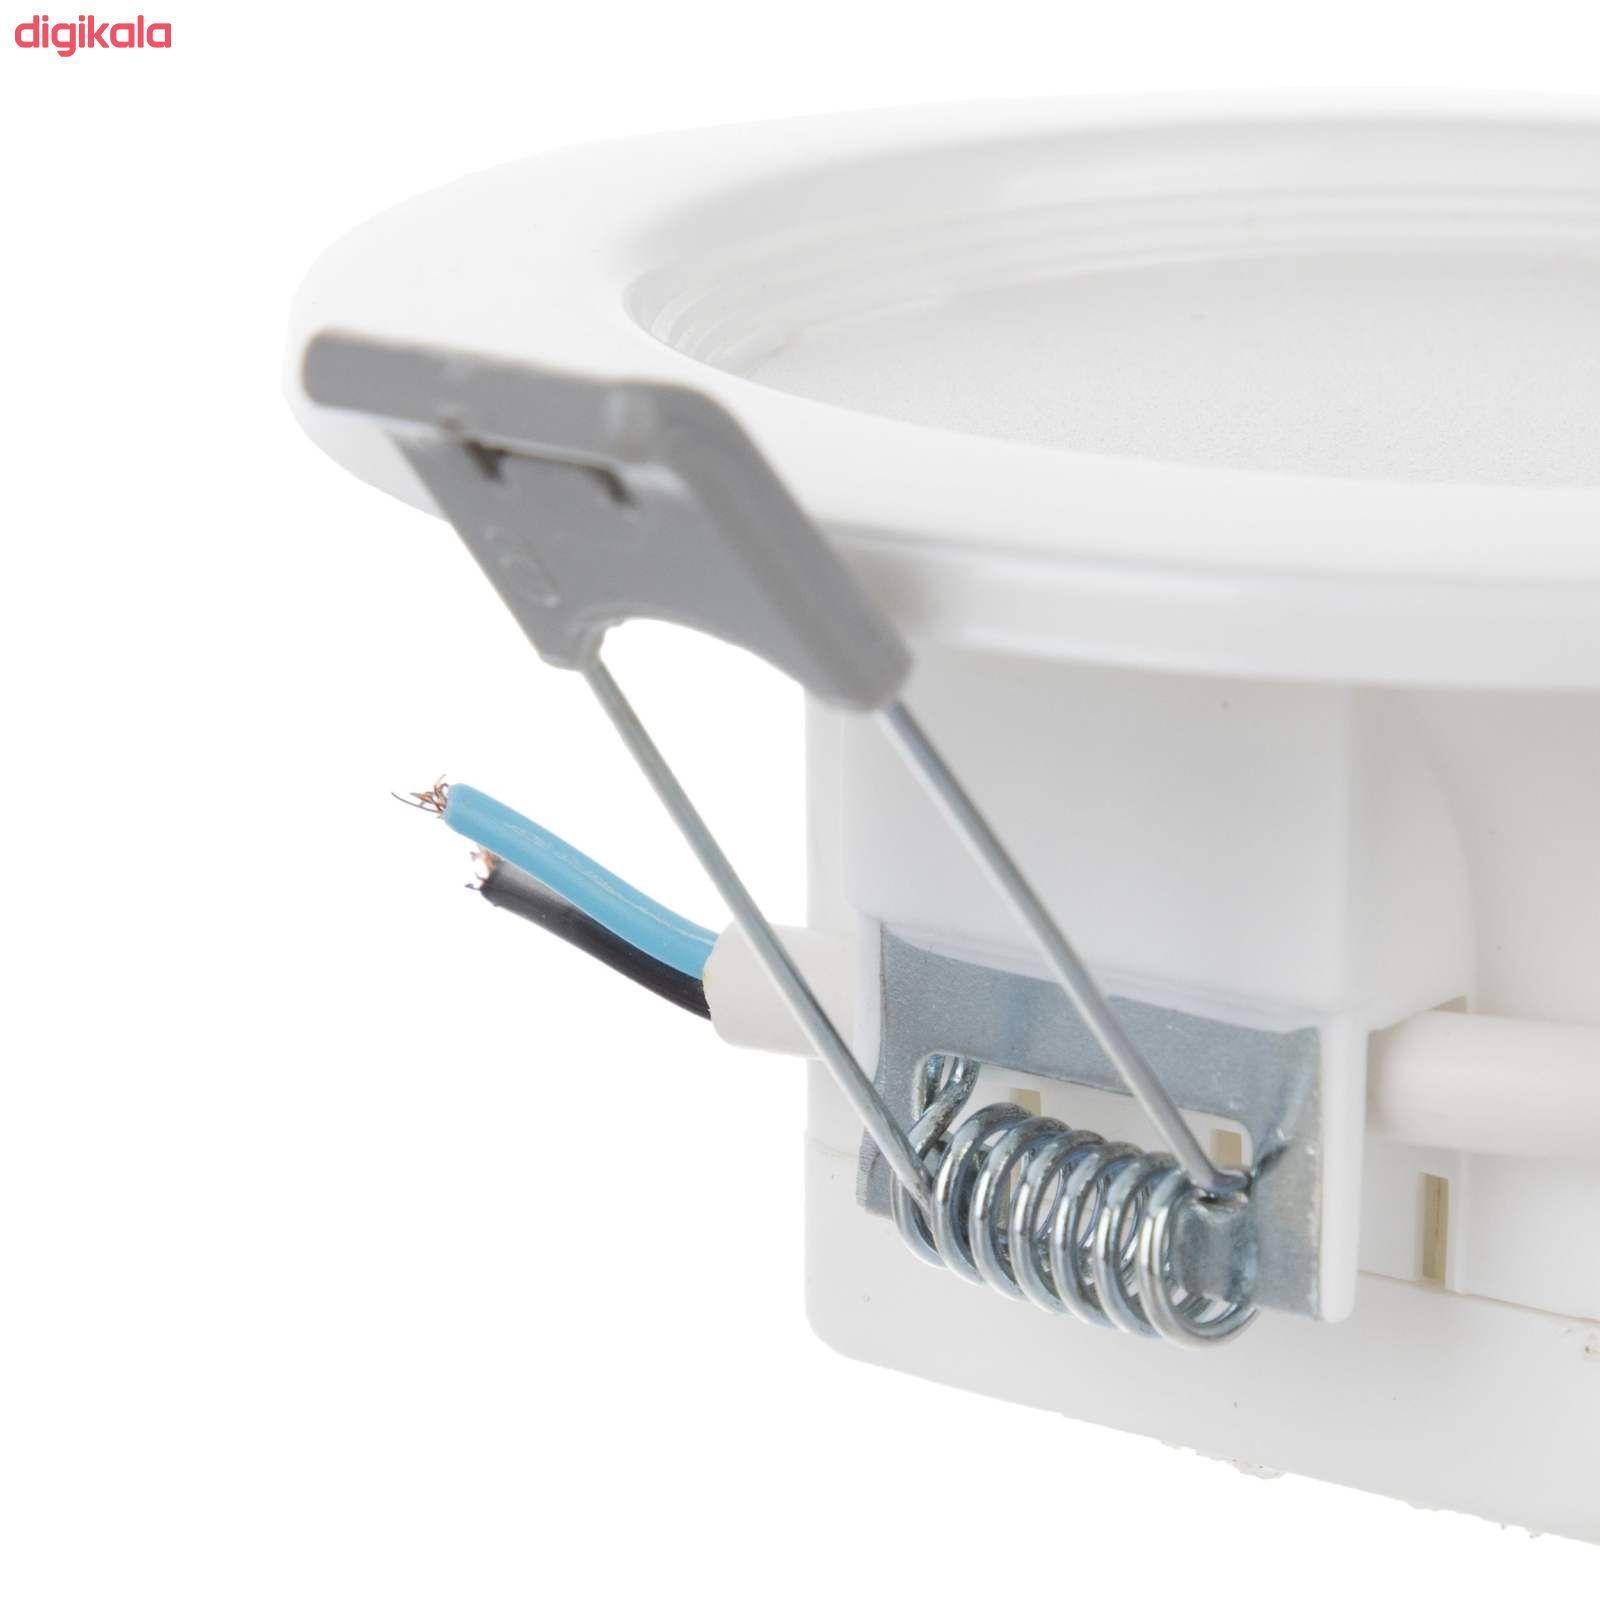 لامپ هالوژن 9 وات رویان نور مدل H104 main 1 3